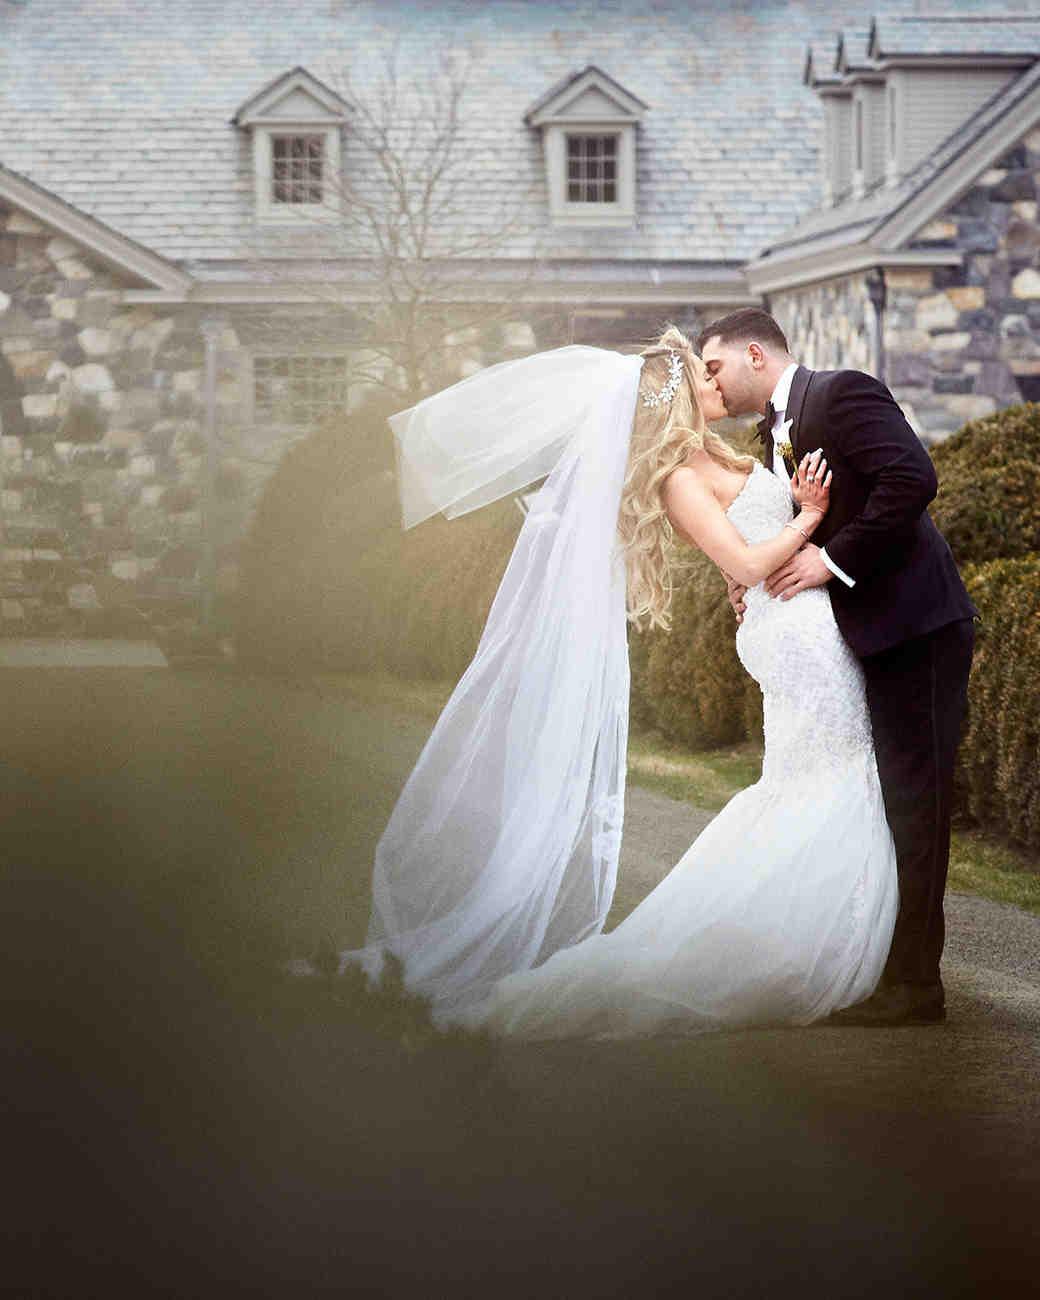 shqipe zenel wedding couple kissing on gravel walkway